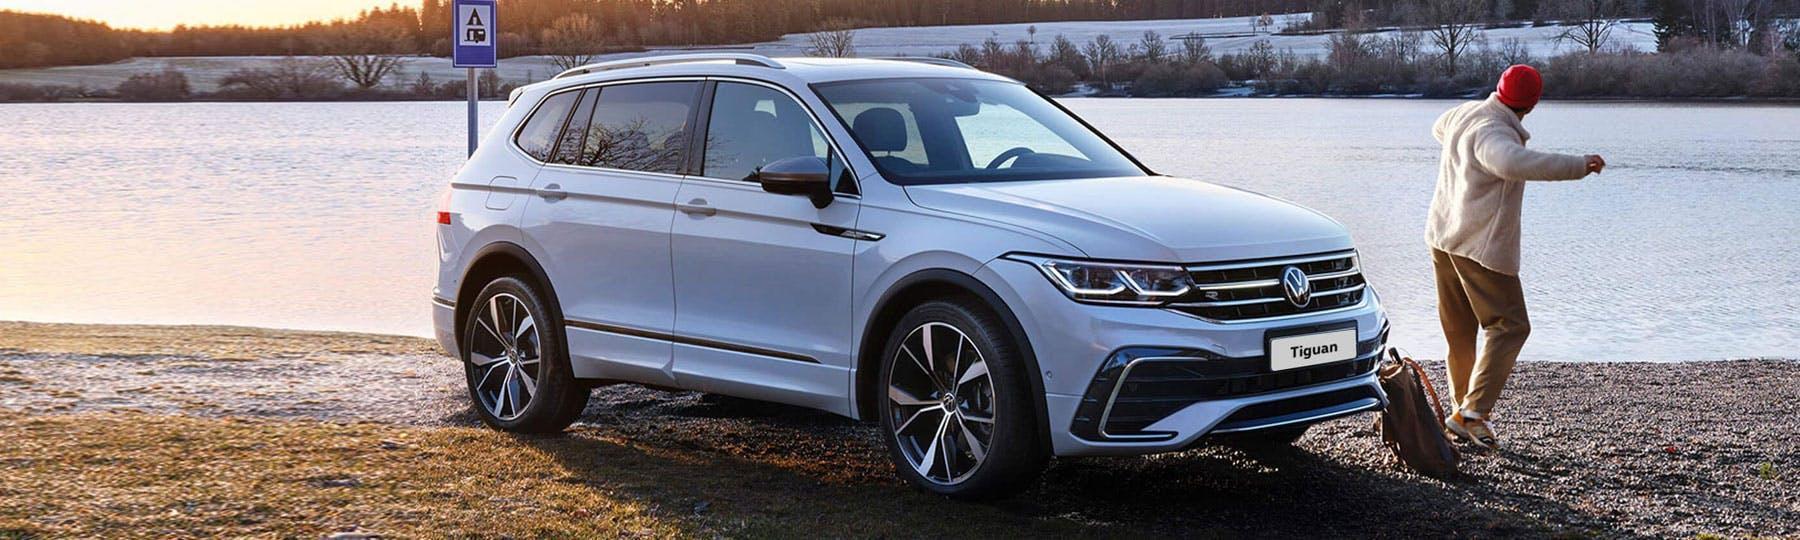 Volkswagen Tiguan Allspace New